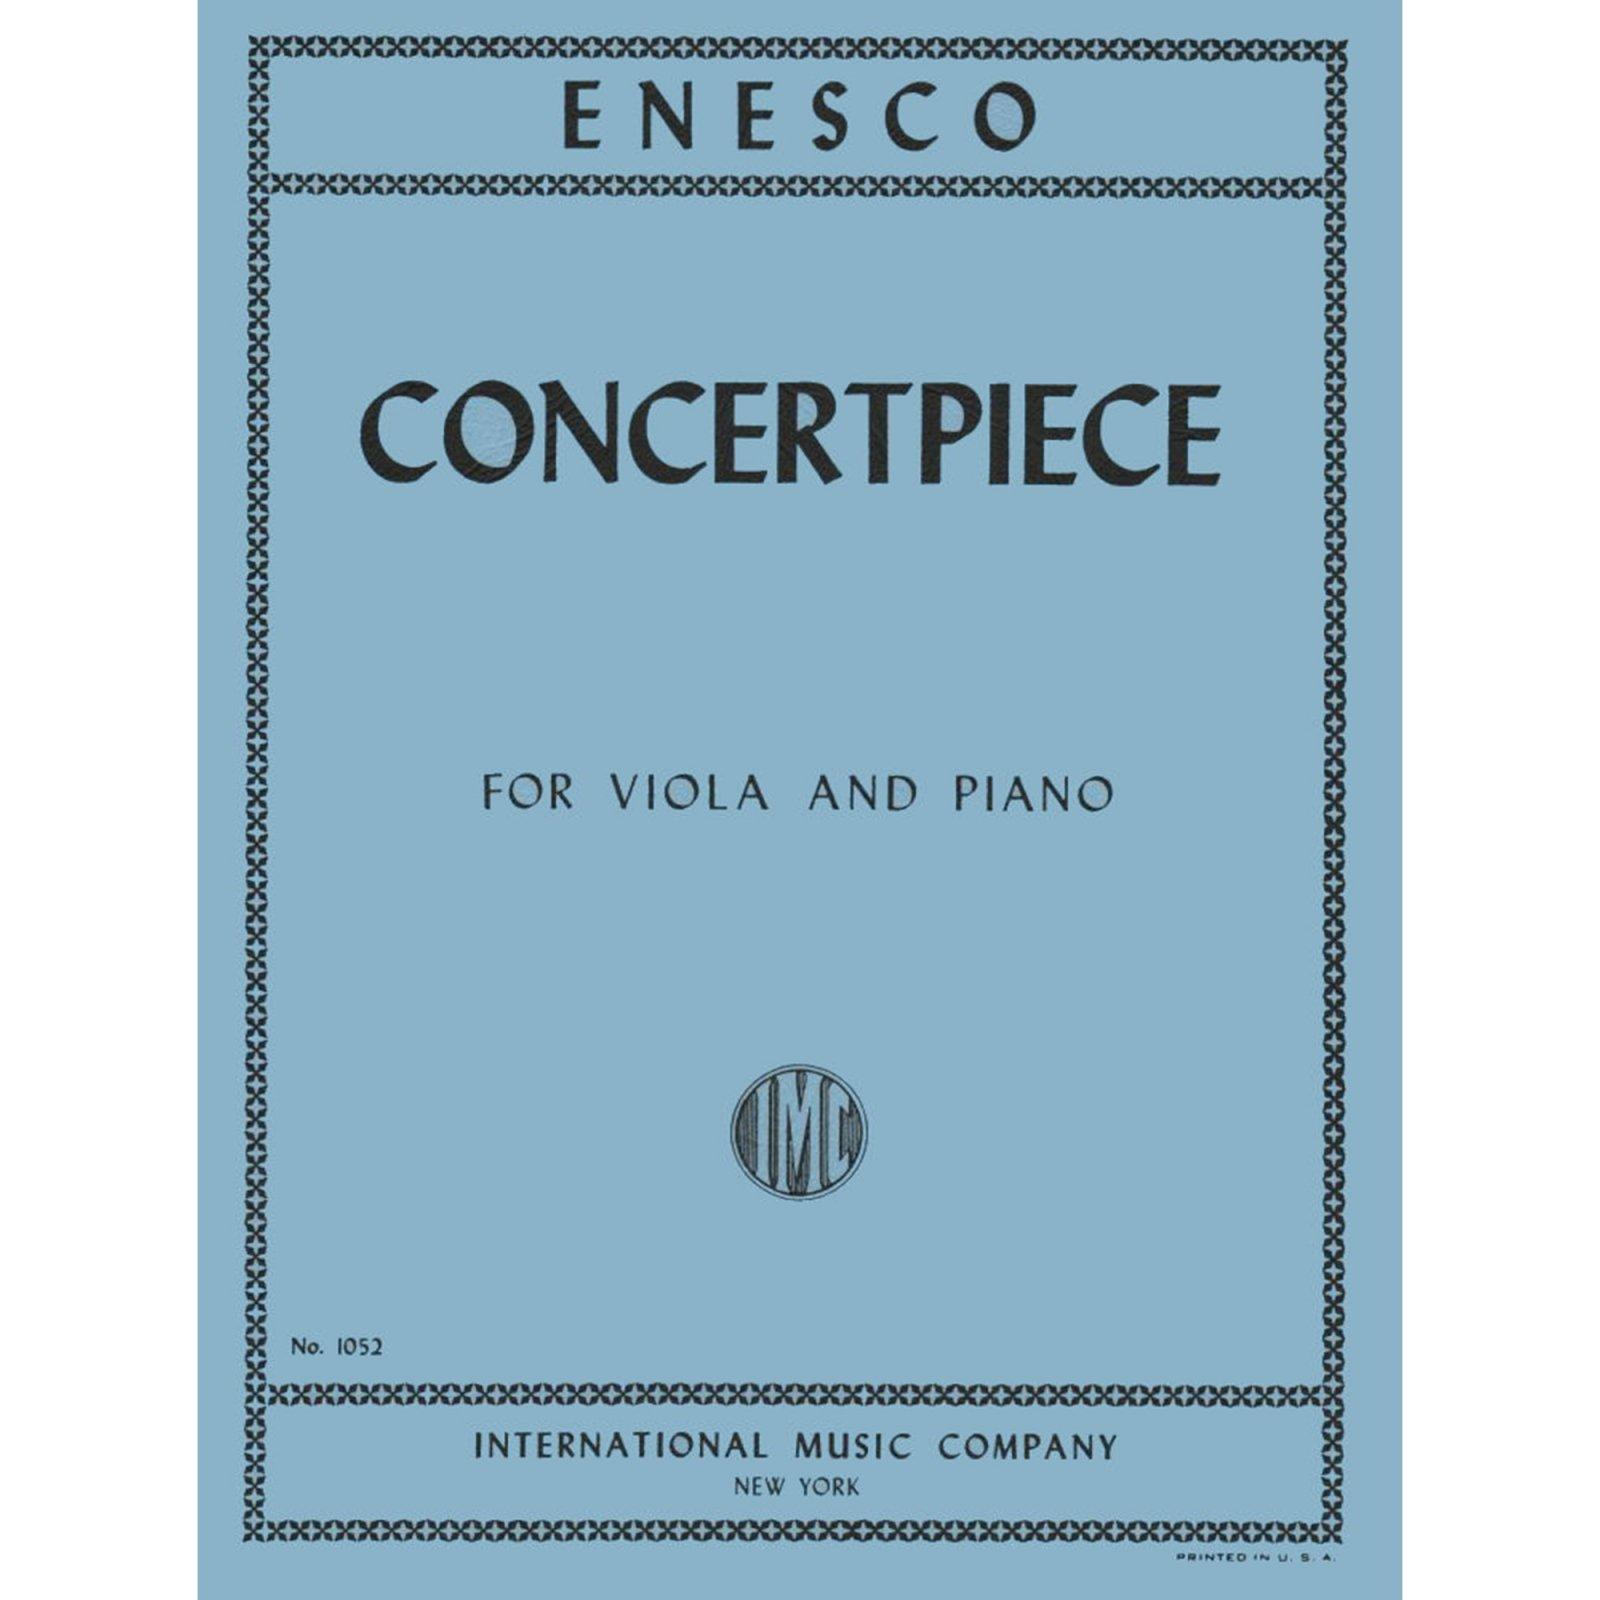 Enesco: Concertpiece